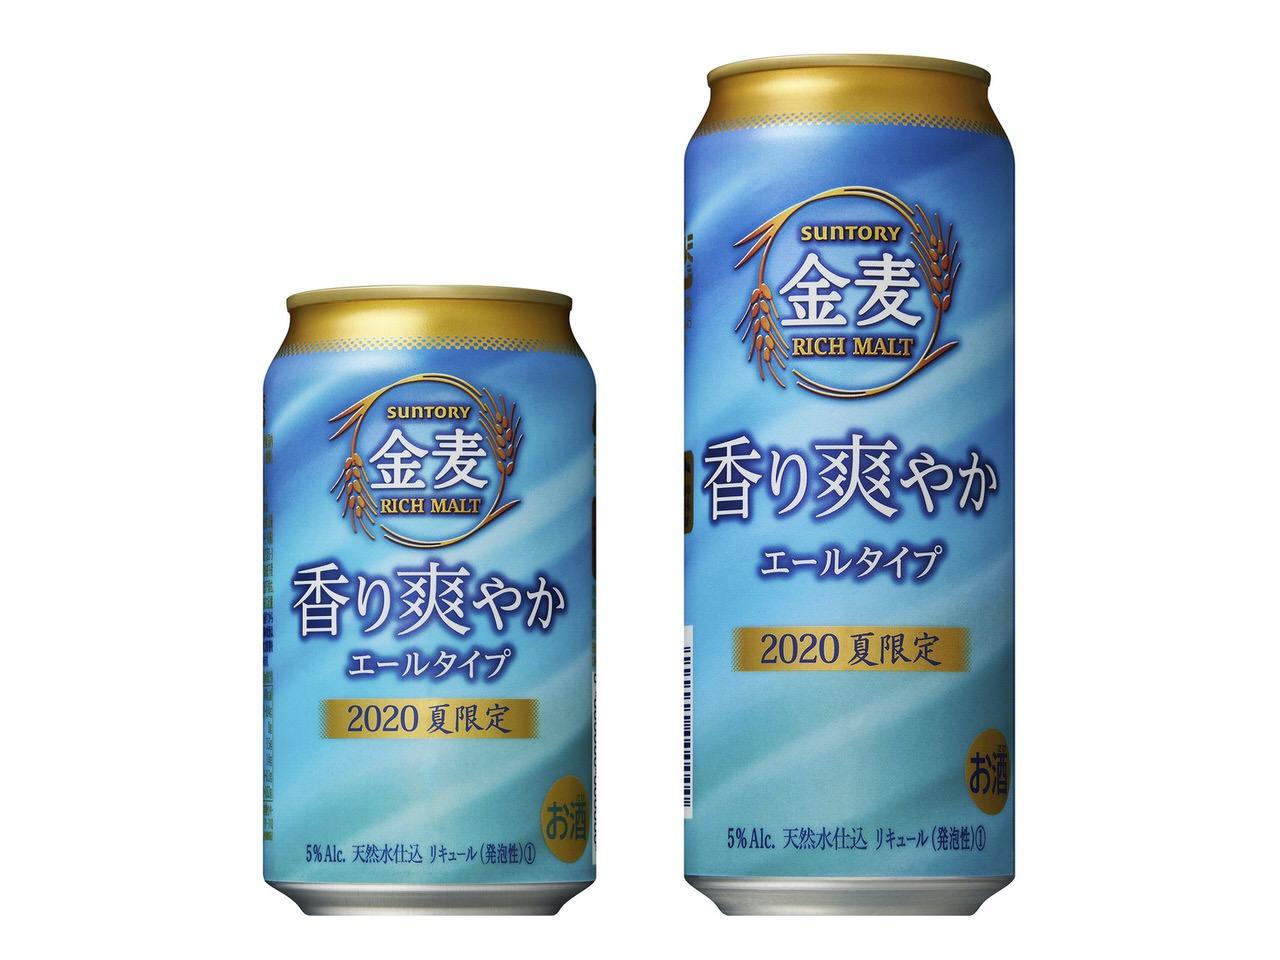 【サントリー】エールタイプの「金麦〈香り爽やか〉」6月30日より数量限定で発売